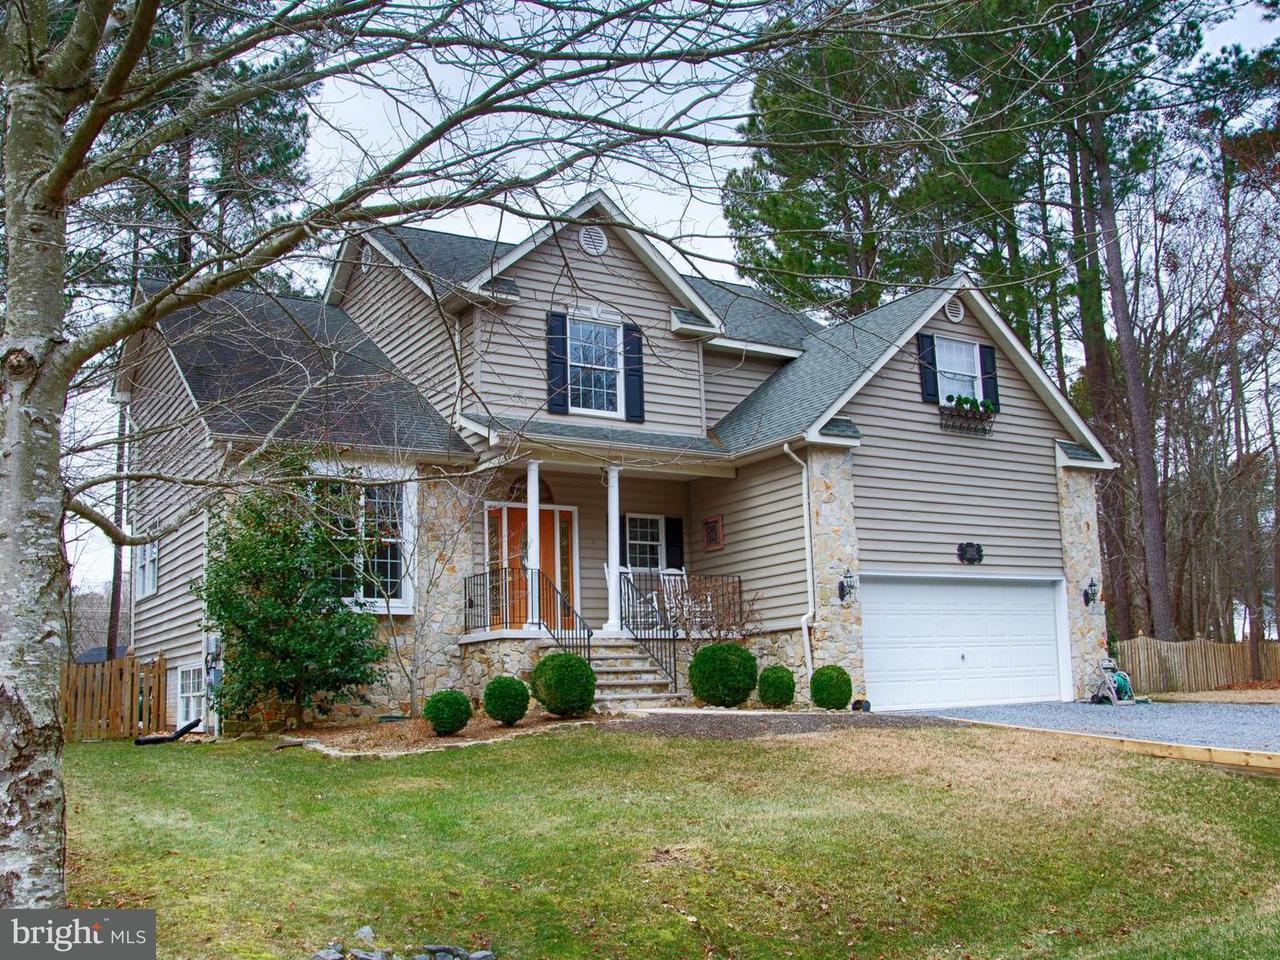 Частный односемейный дом для того Продажа на 13513 OSPREY Lane 13513 OSPREY Lane Dowell, Мэриленд 20629 Соединенные Штаты